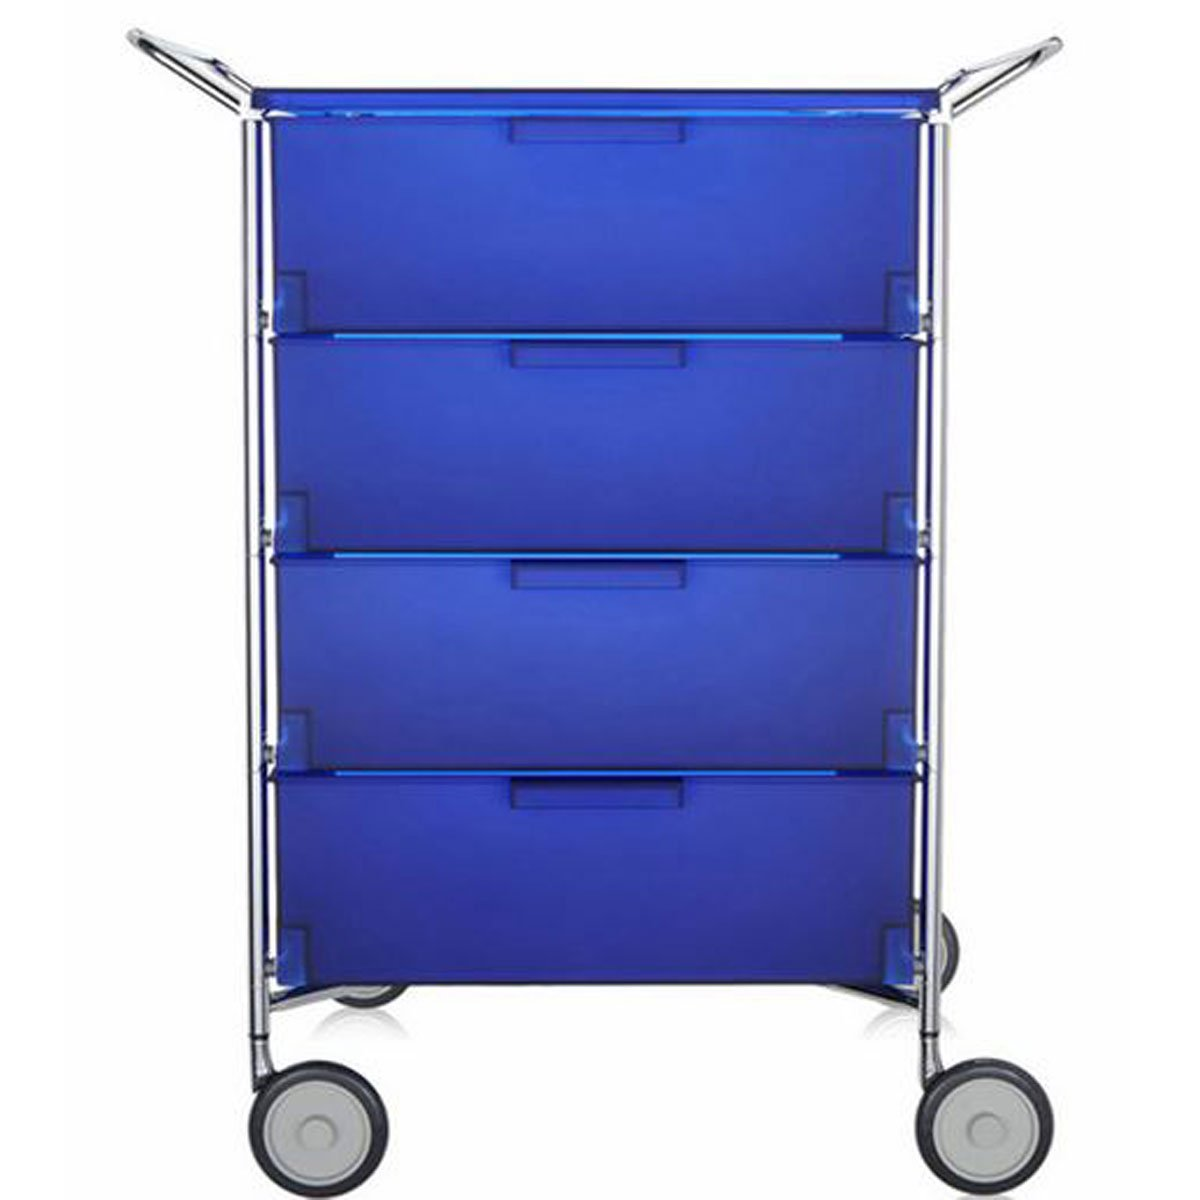 Kartell 2334L2 Container Mobil, 4 Schubladen, kobaltblau